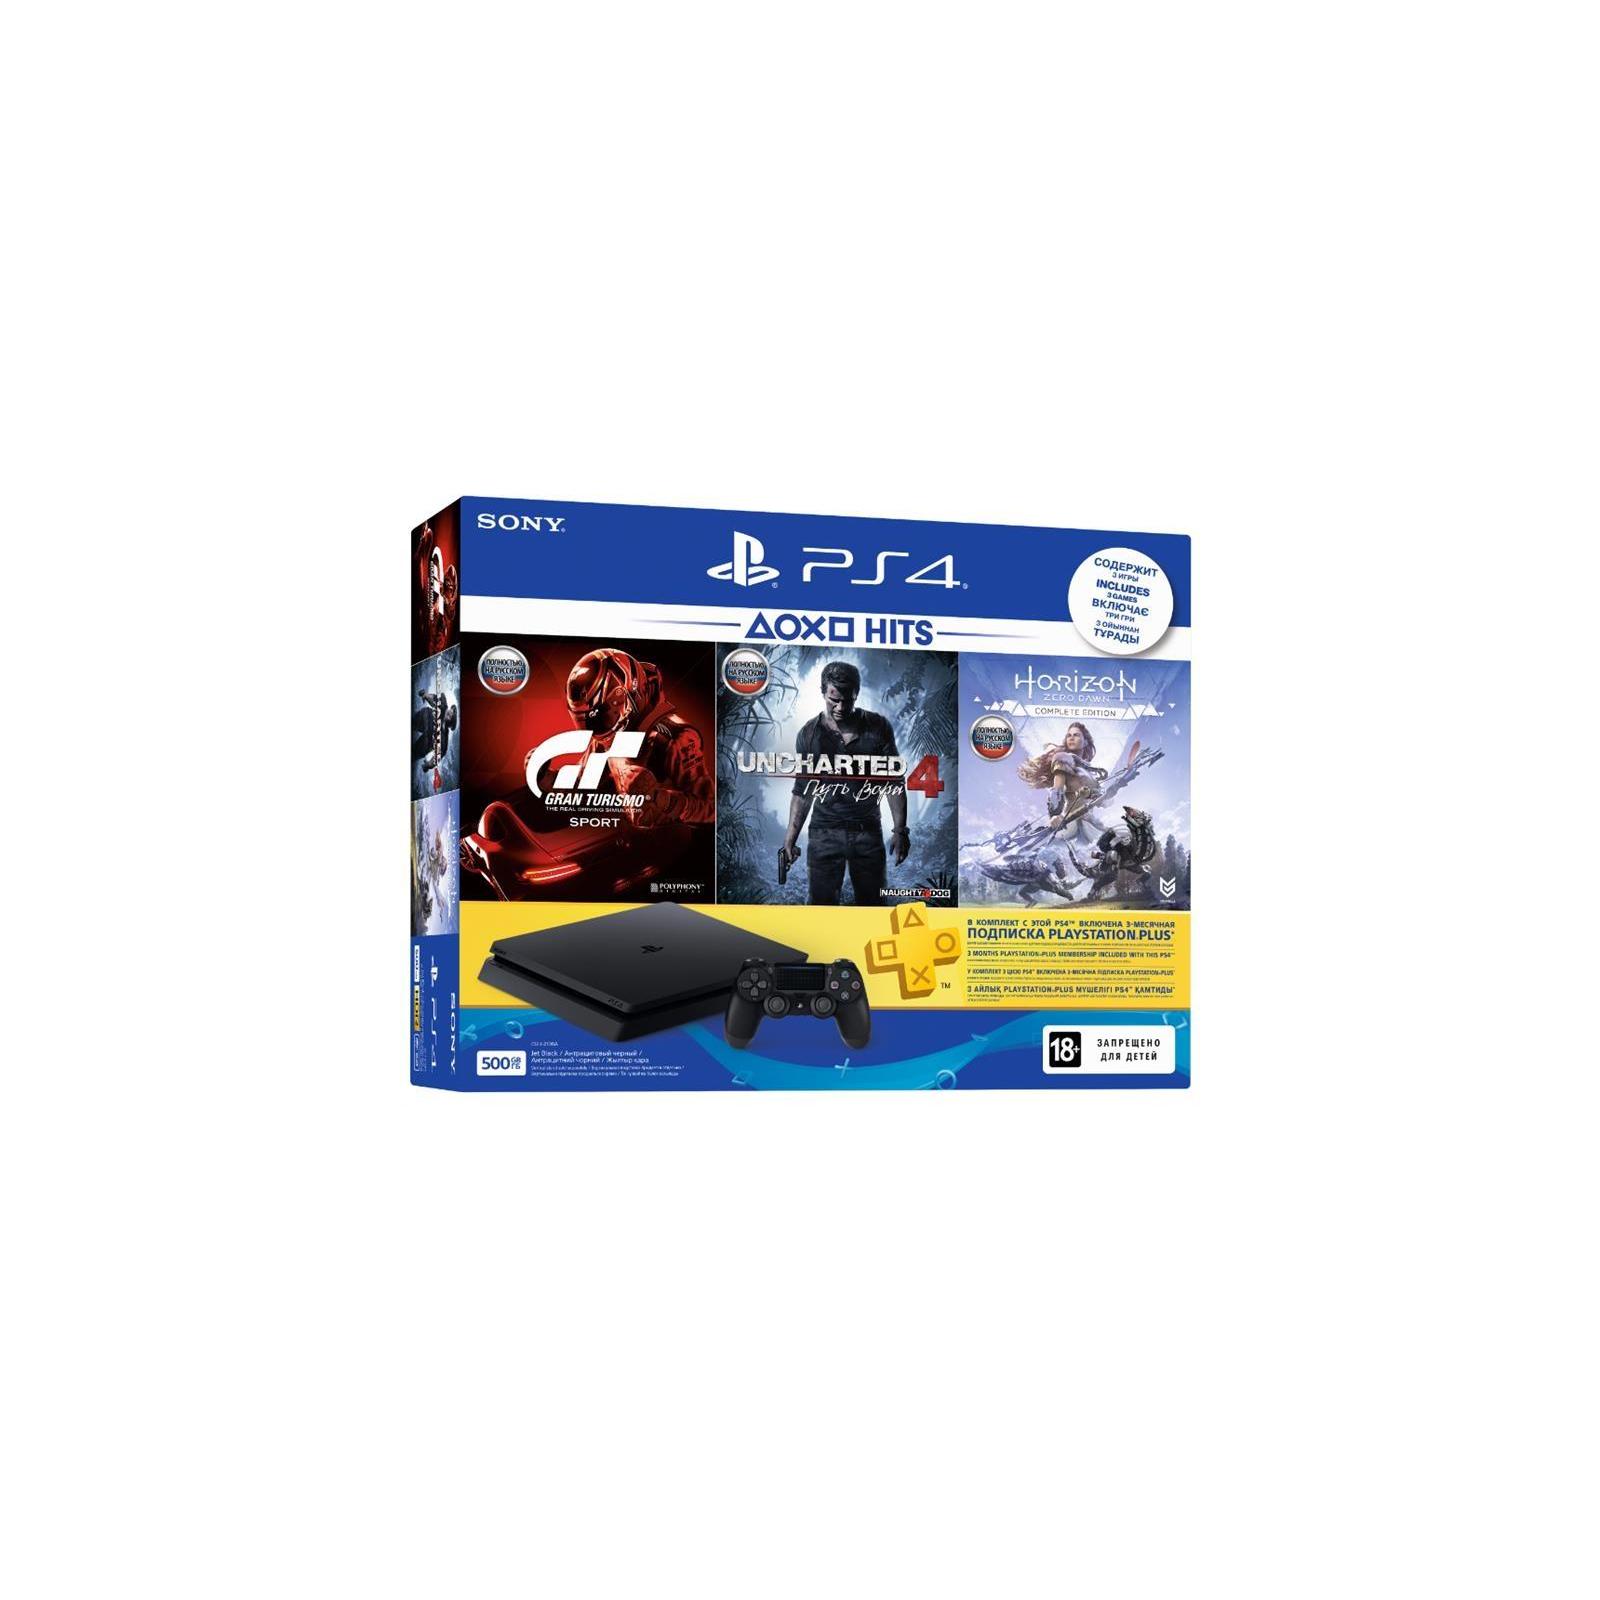 Игровая консоль SONY PlayStation 4 Slim 500 Gb Black (HZD+GTS+UC4+PSPlus 3М) (9779117) изображение 9